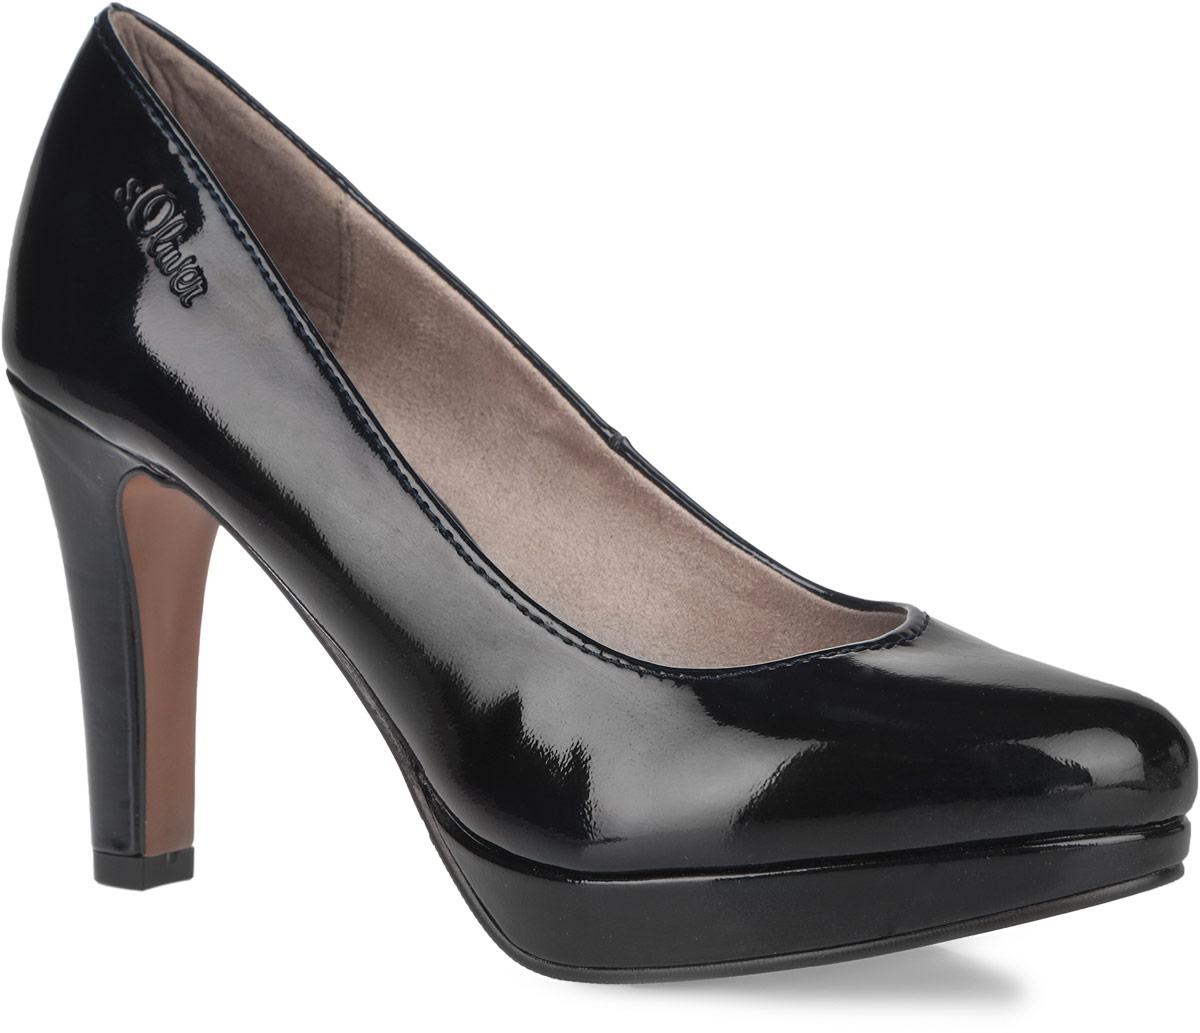 Туфли женские. 5-5-22400-365-5-22400-36-018Оригинальные женские туфли от S.Oliver заинтересуют вас своим дизайном! Модель, выполненная из искусственной лакированной кожи, оформлена сбоку тиснением в виде названия бренда. Внутренняя поверхность изготовлена из текстиля и искусственных материалов, стелька - из искусственных материалов. Высокий каблук компенсирован небольшой платформой. Каблук и подошва с рифлением обеспечивают отличное сцепление на любой поверхности. Такие туфли займут достойное место в вашем гардеробе и подчеркнут ваш безупречный вкус.